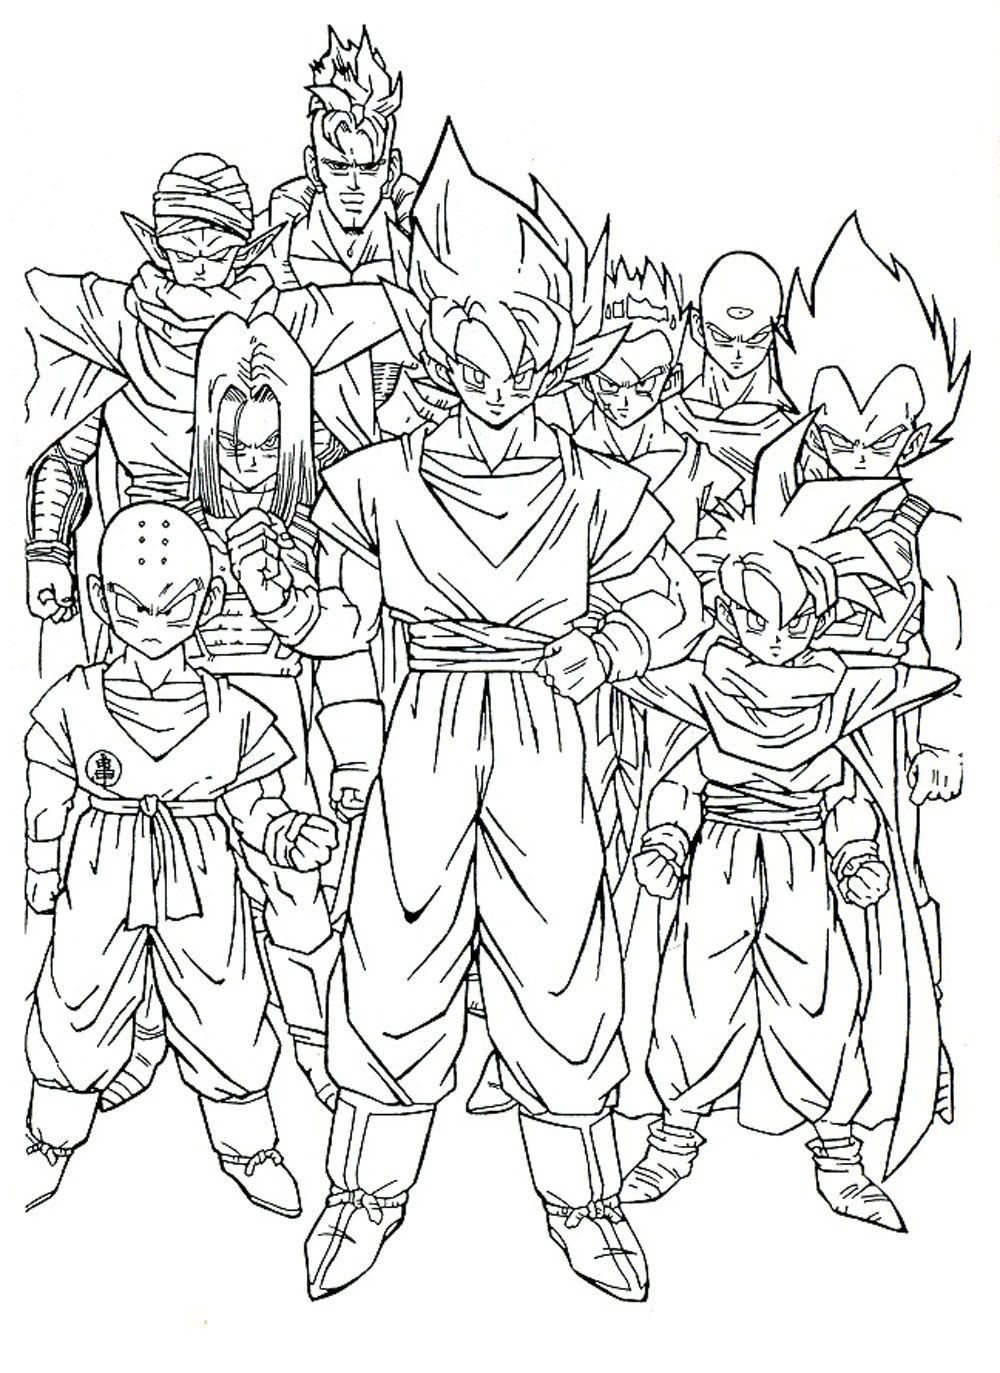 pintura de Goku y los guerreros Z para imprimir y colorear | Imagen ...